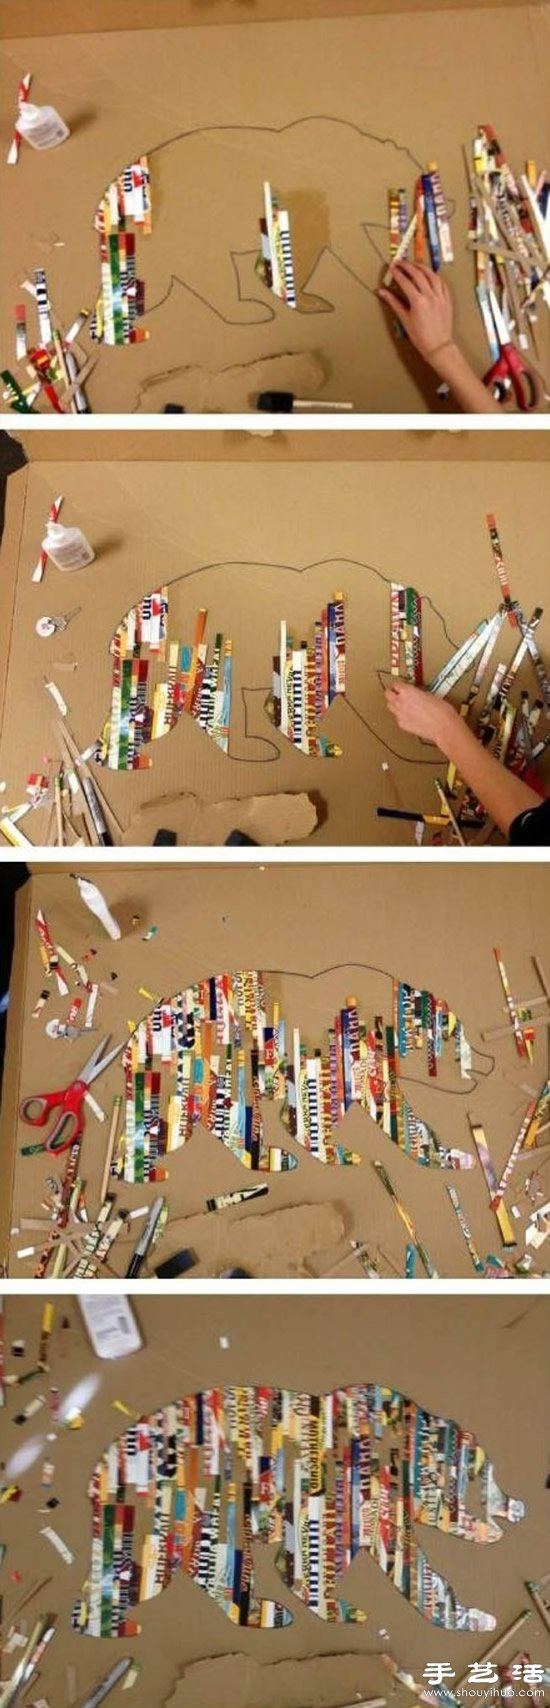 废旧硬纸板和杂志diy创意拼贴画的教程